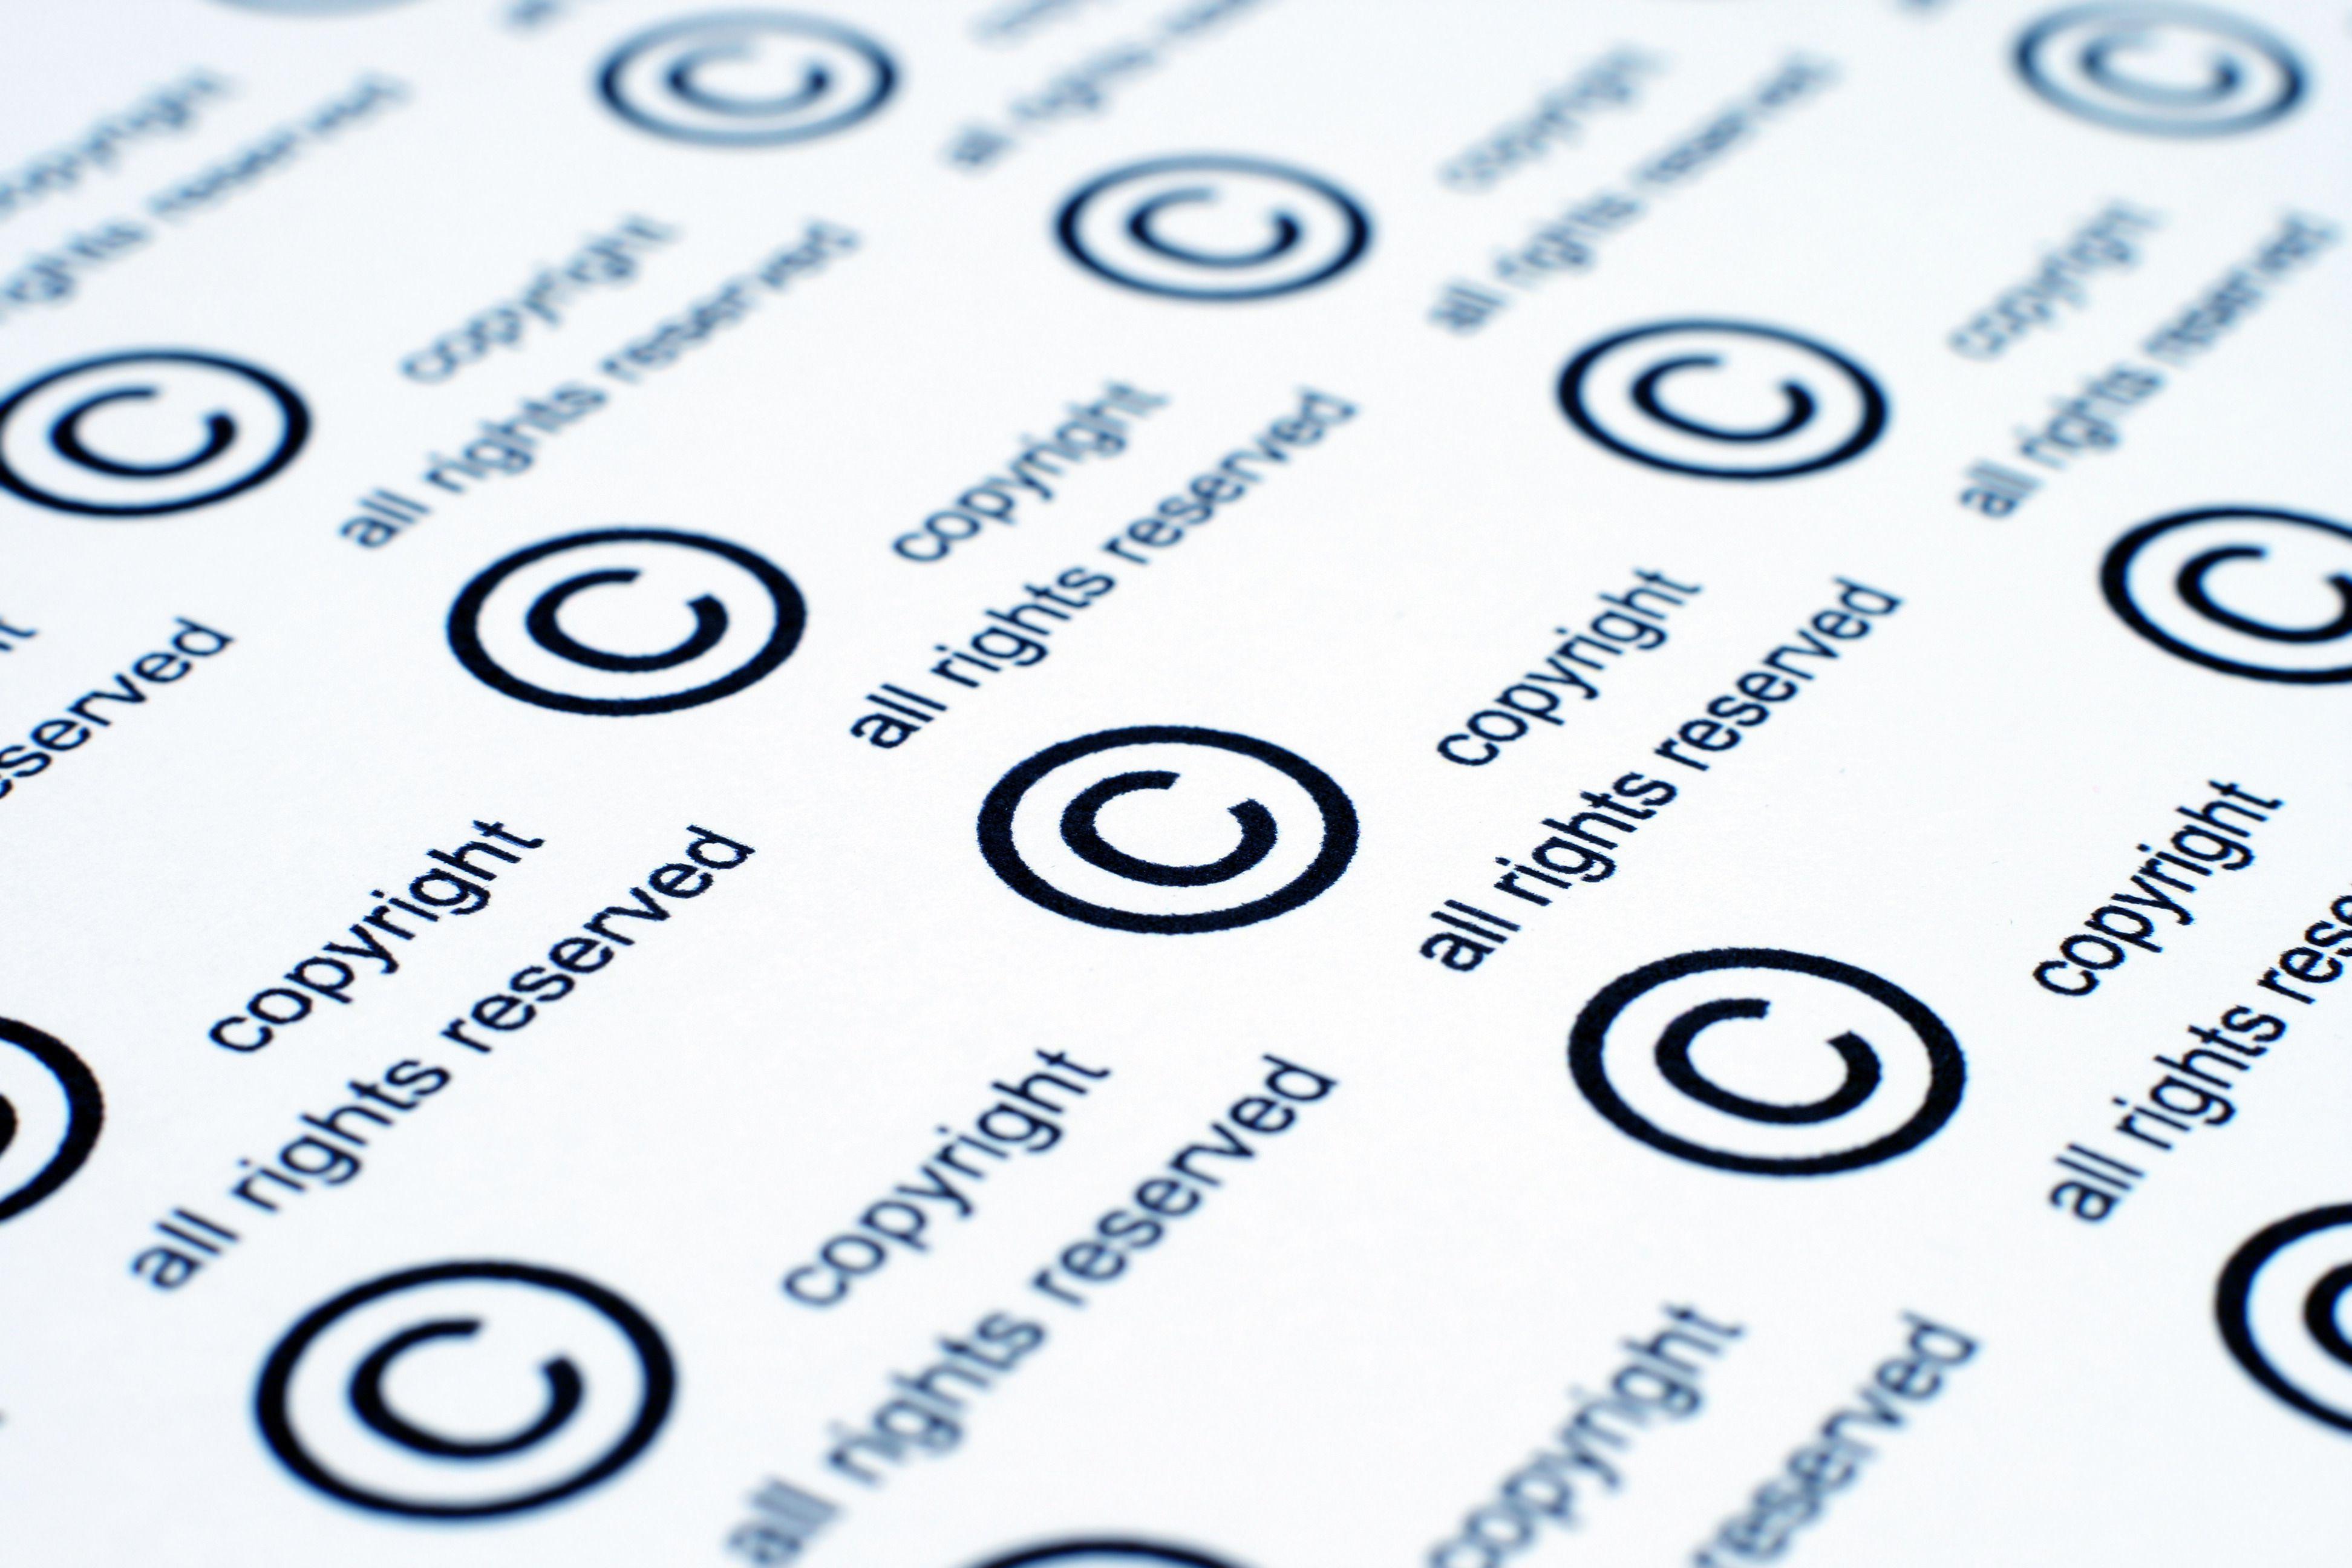 Riproduzione riservata, quando vince il diritto d'autore